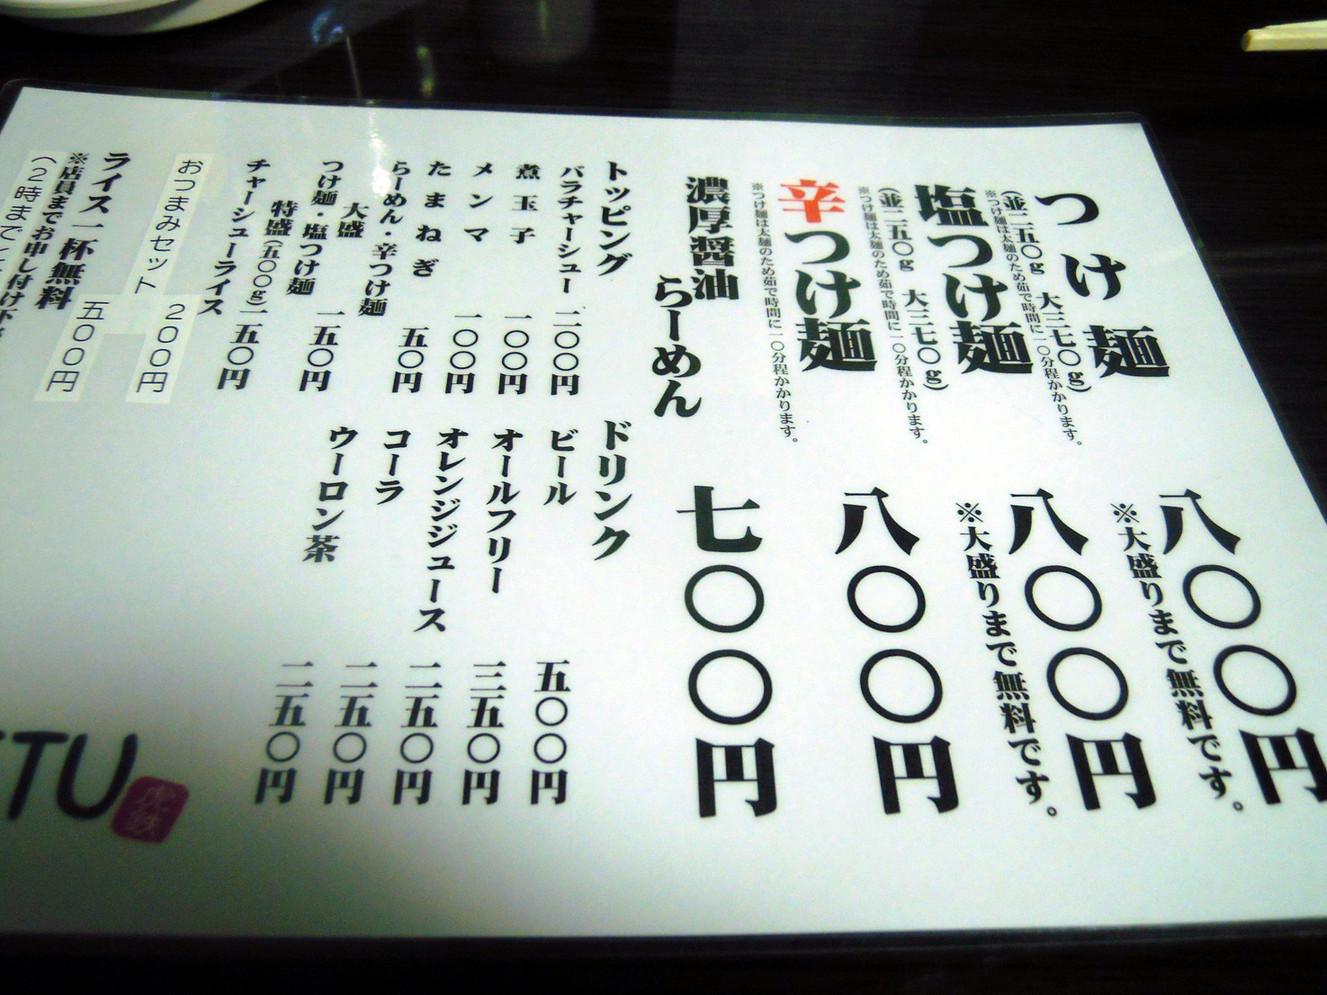 つけ麺 虎鉄